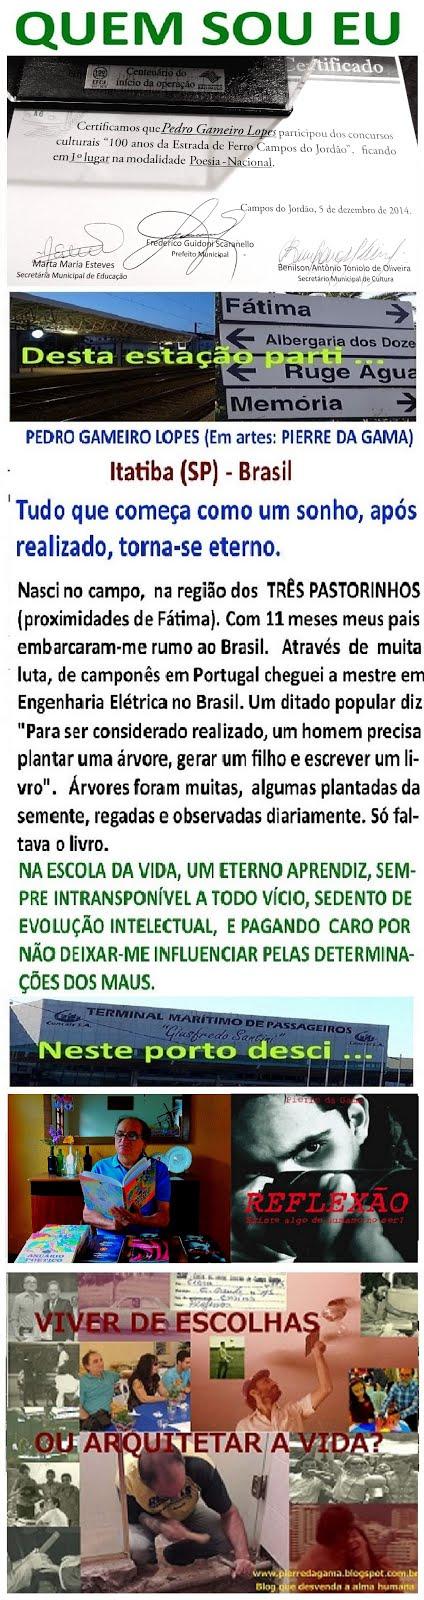 PEDRO GAMEIRO LOPES    ************ EM ARTES: PIERRE DA GAMA